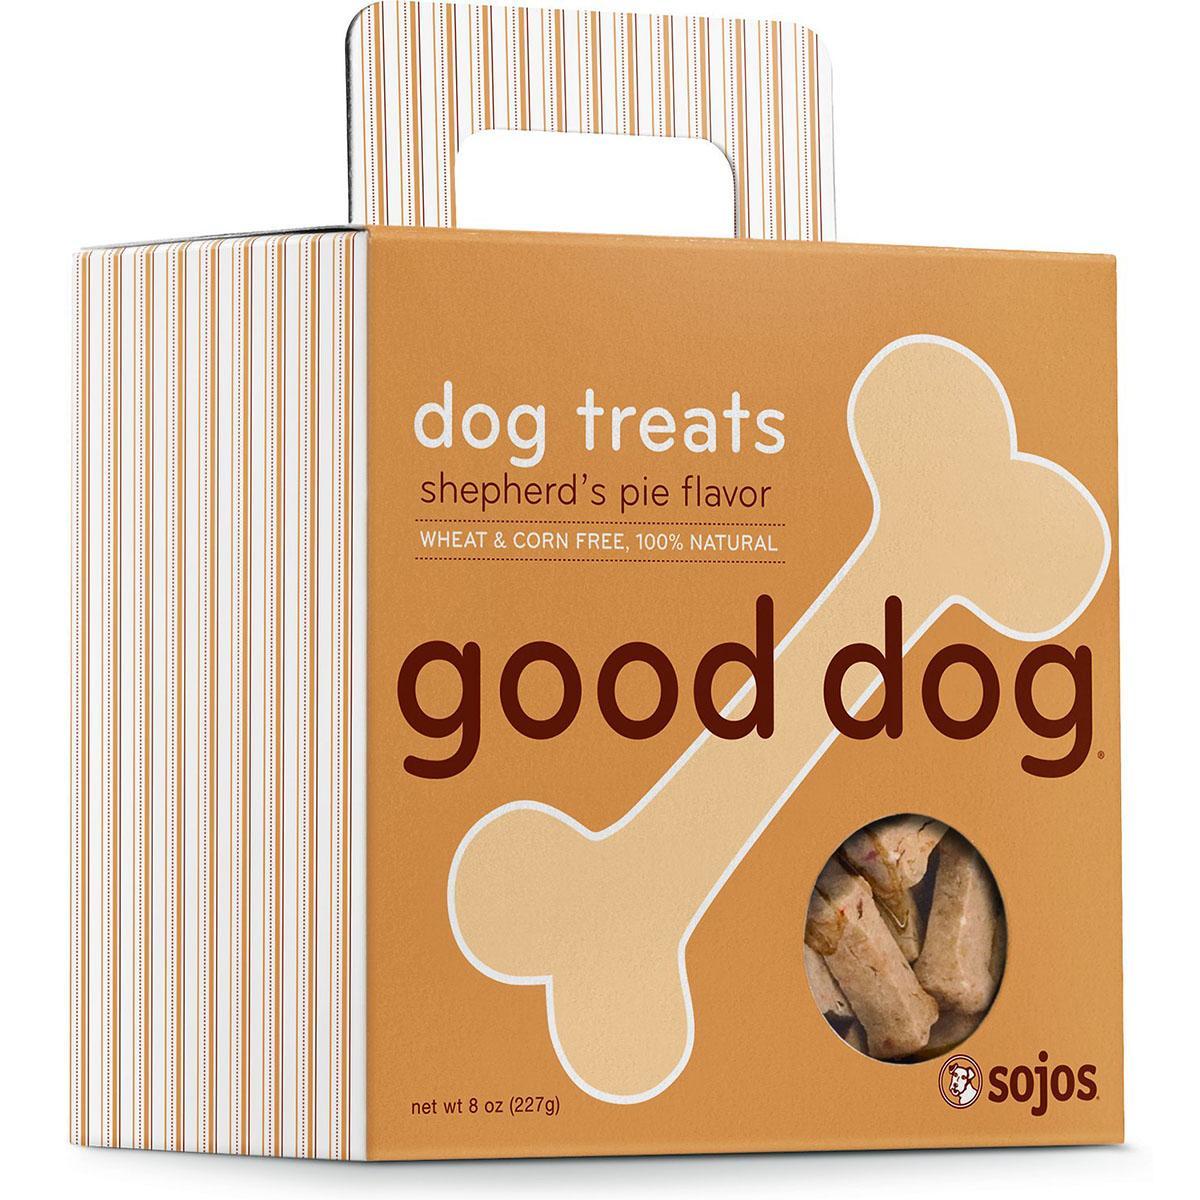 Sojos Good Dog Shepherd's Pie Dog Treats